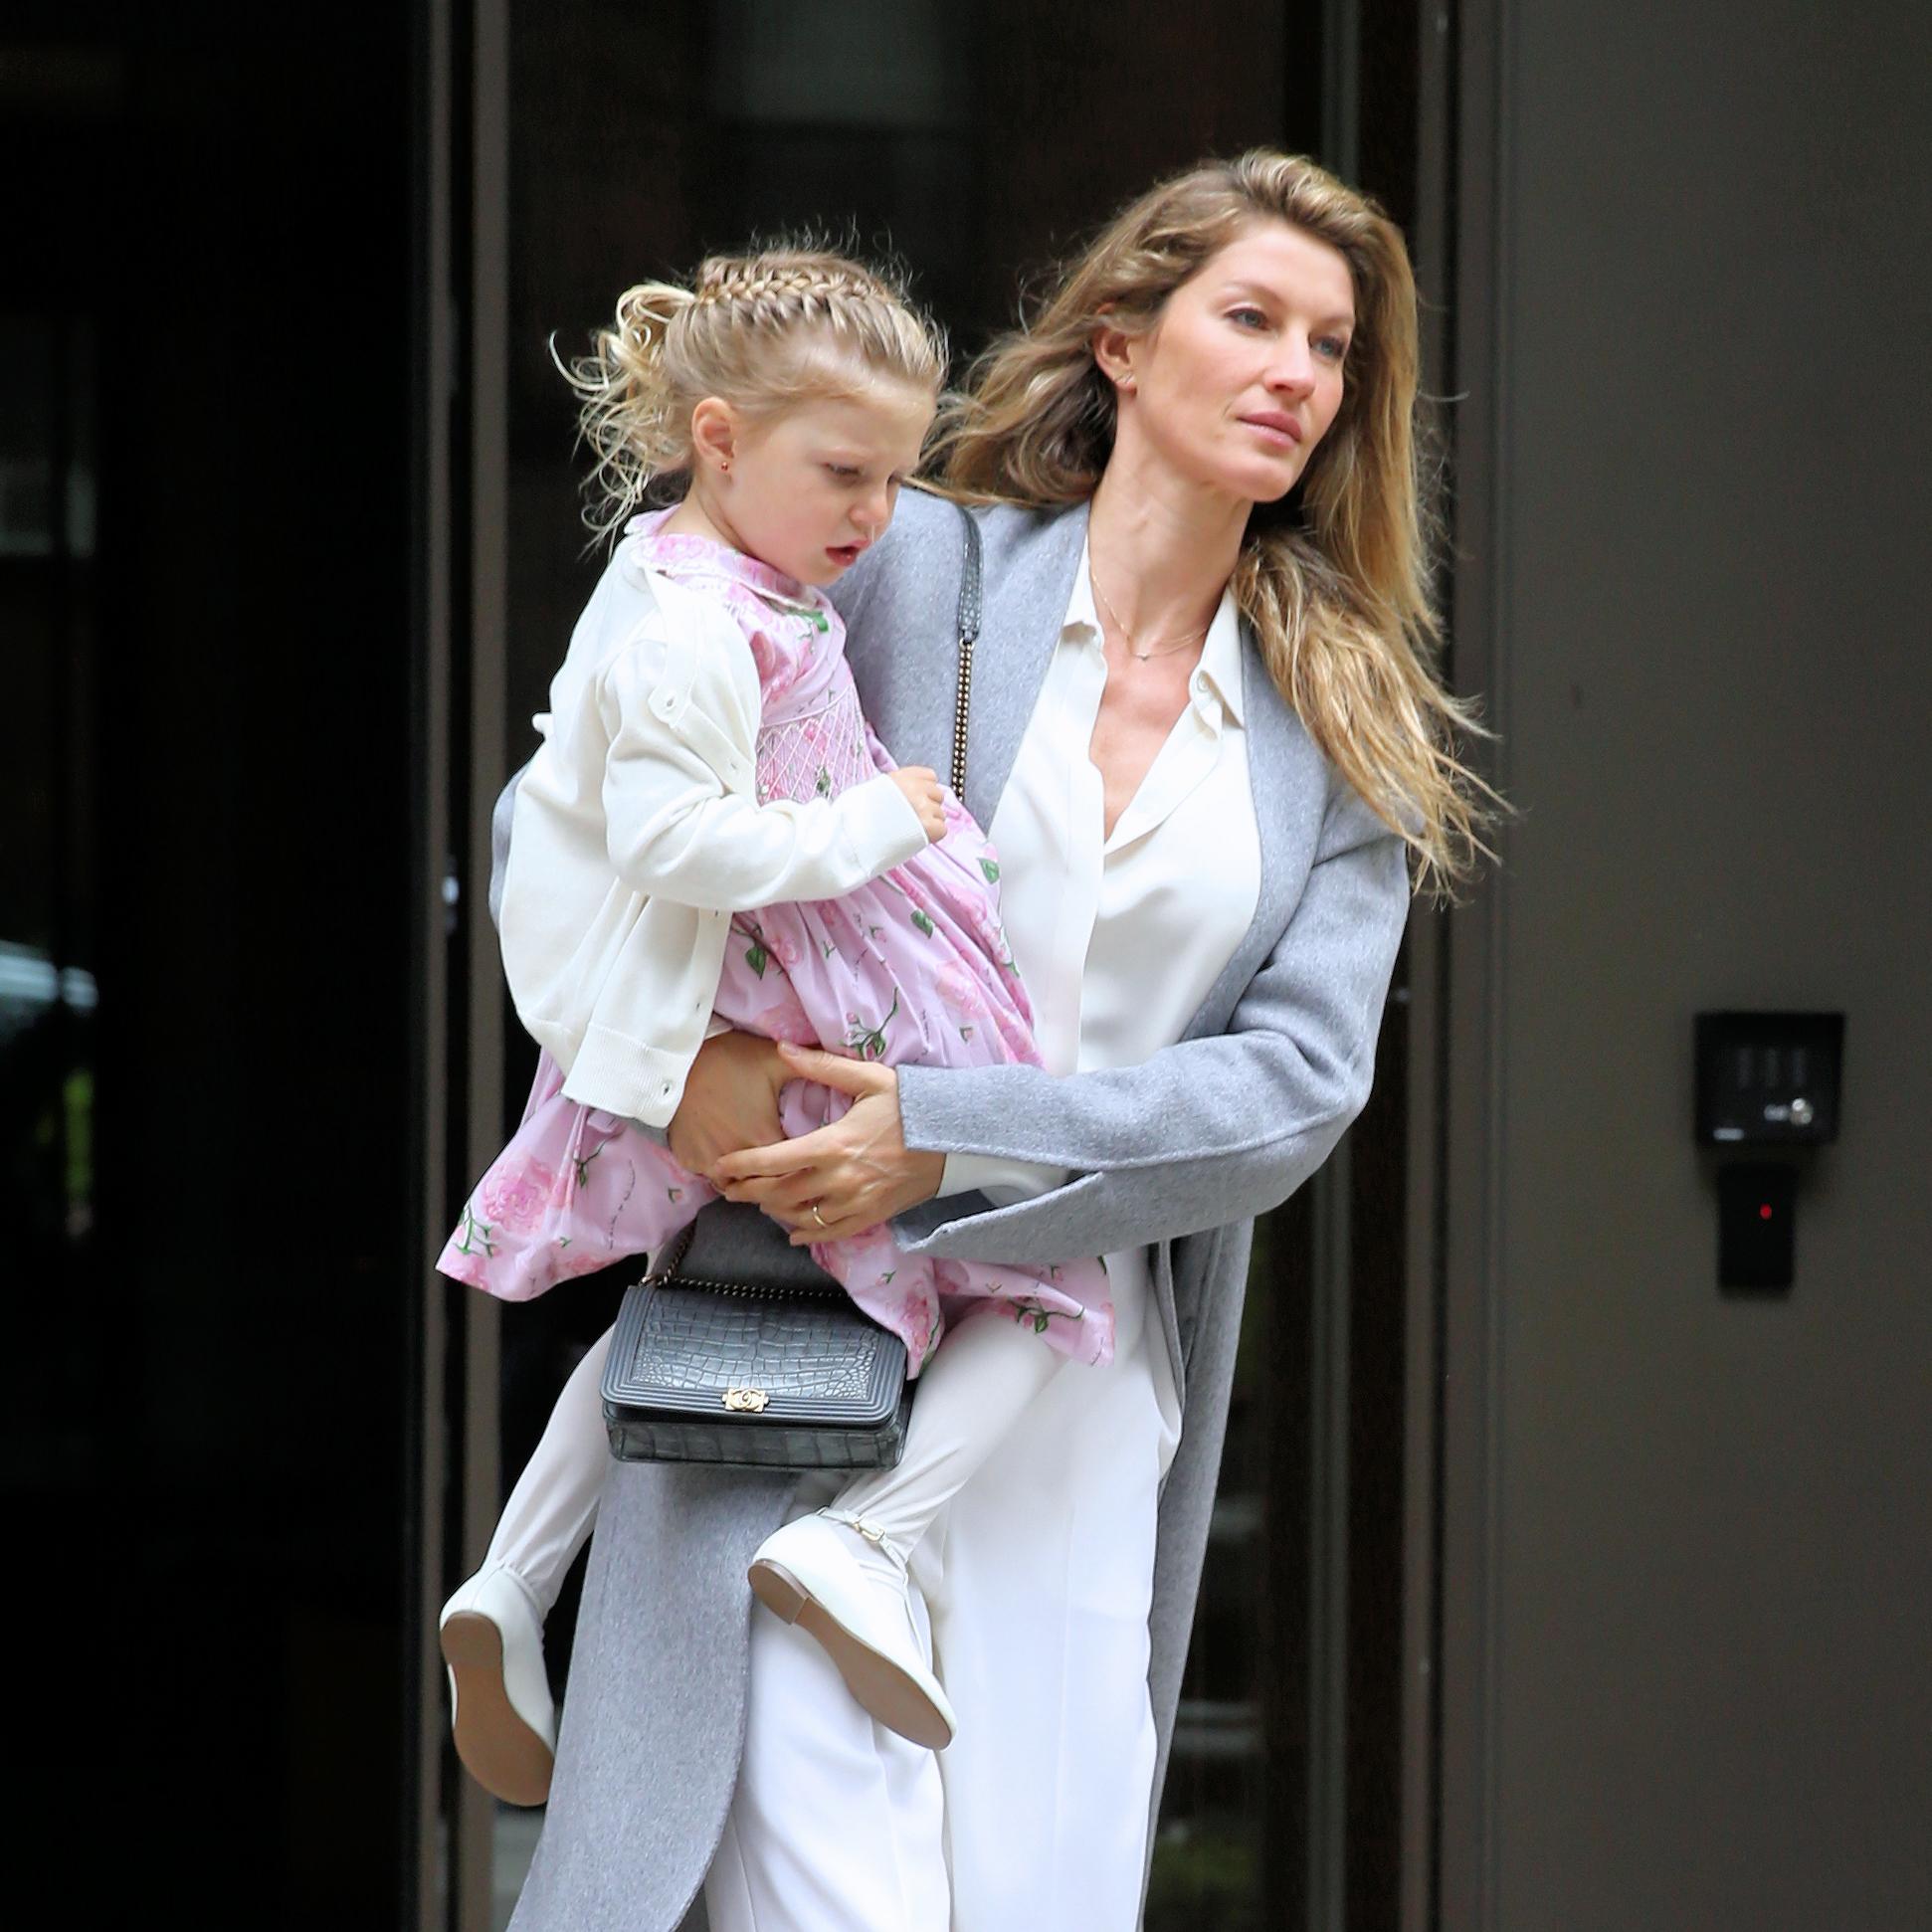 Δες την Gisele να κόβει τα μαλλιά της κόρης της!